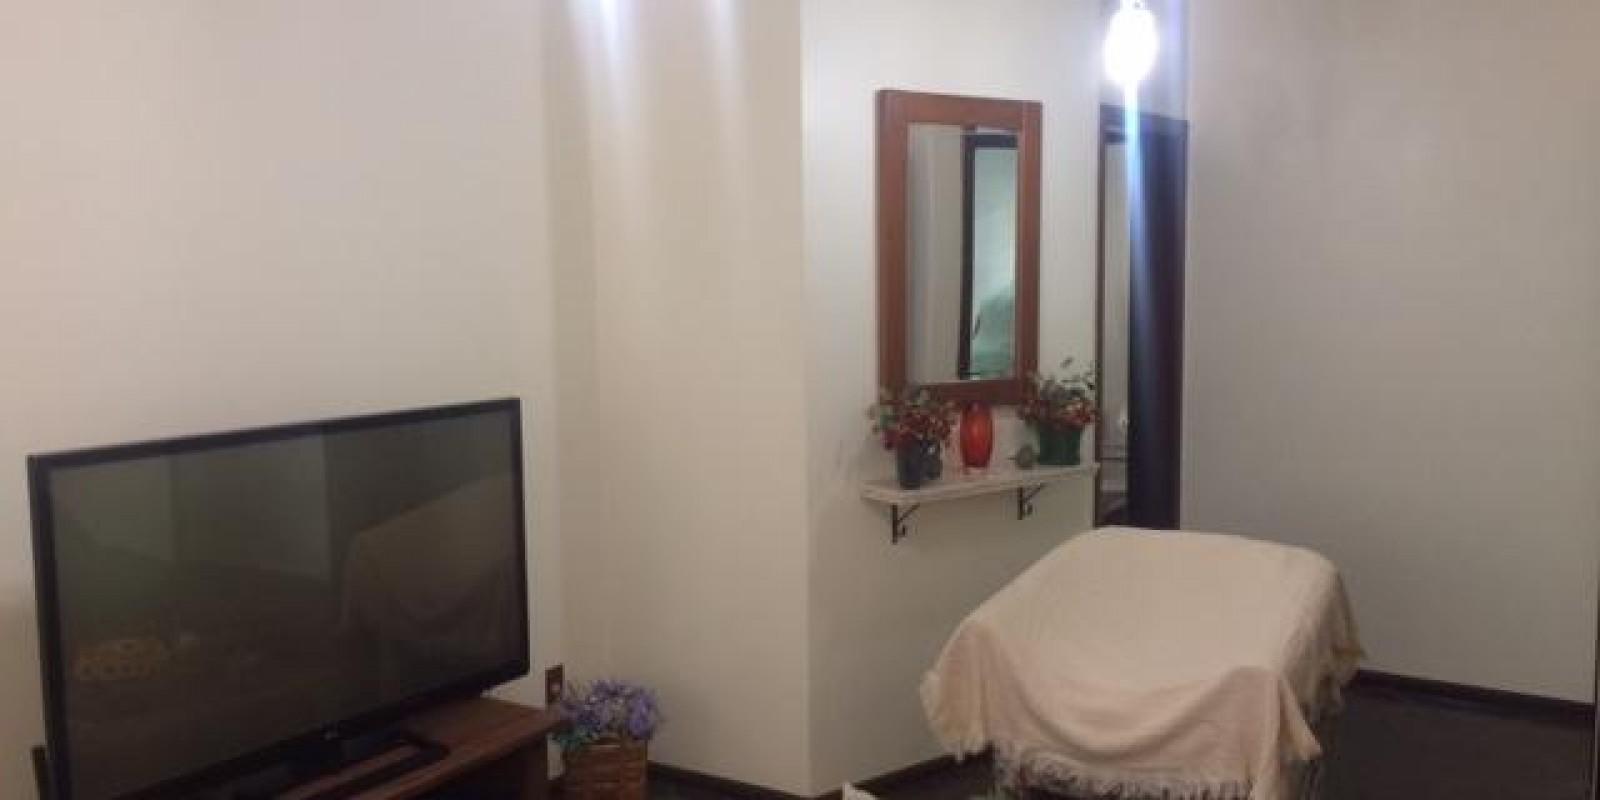 Casa no Bairro Três Maria em Avaré SP - Foto 3 de 19